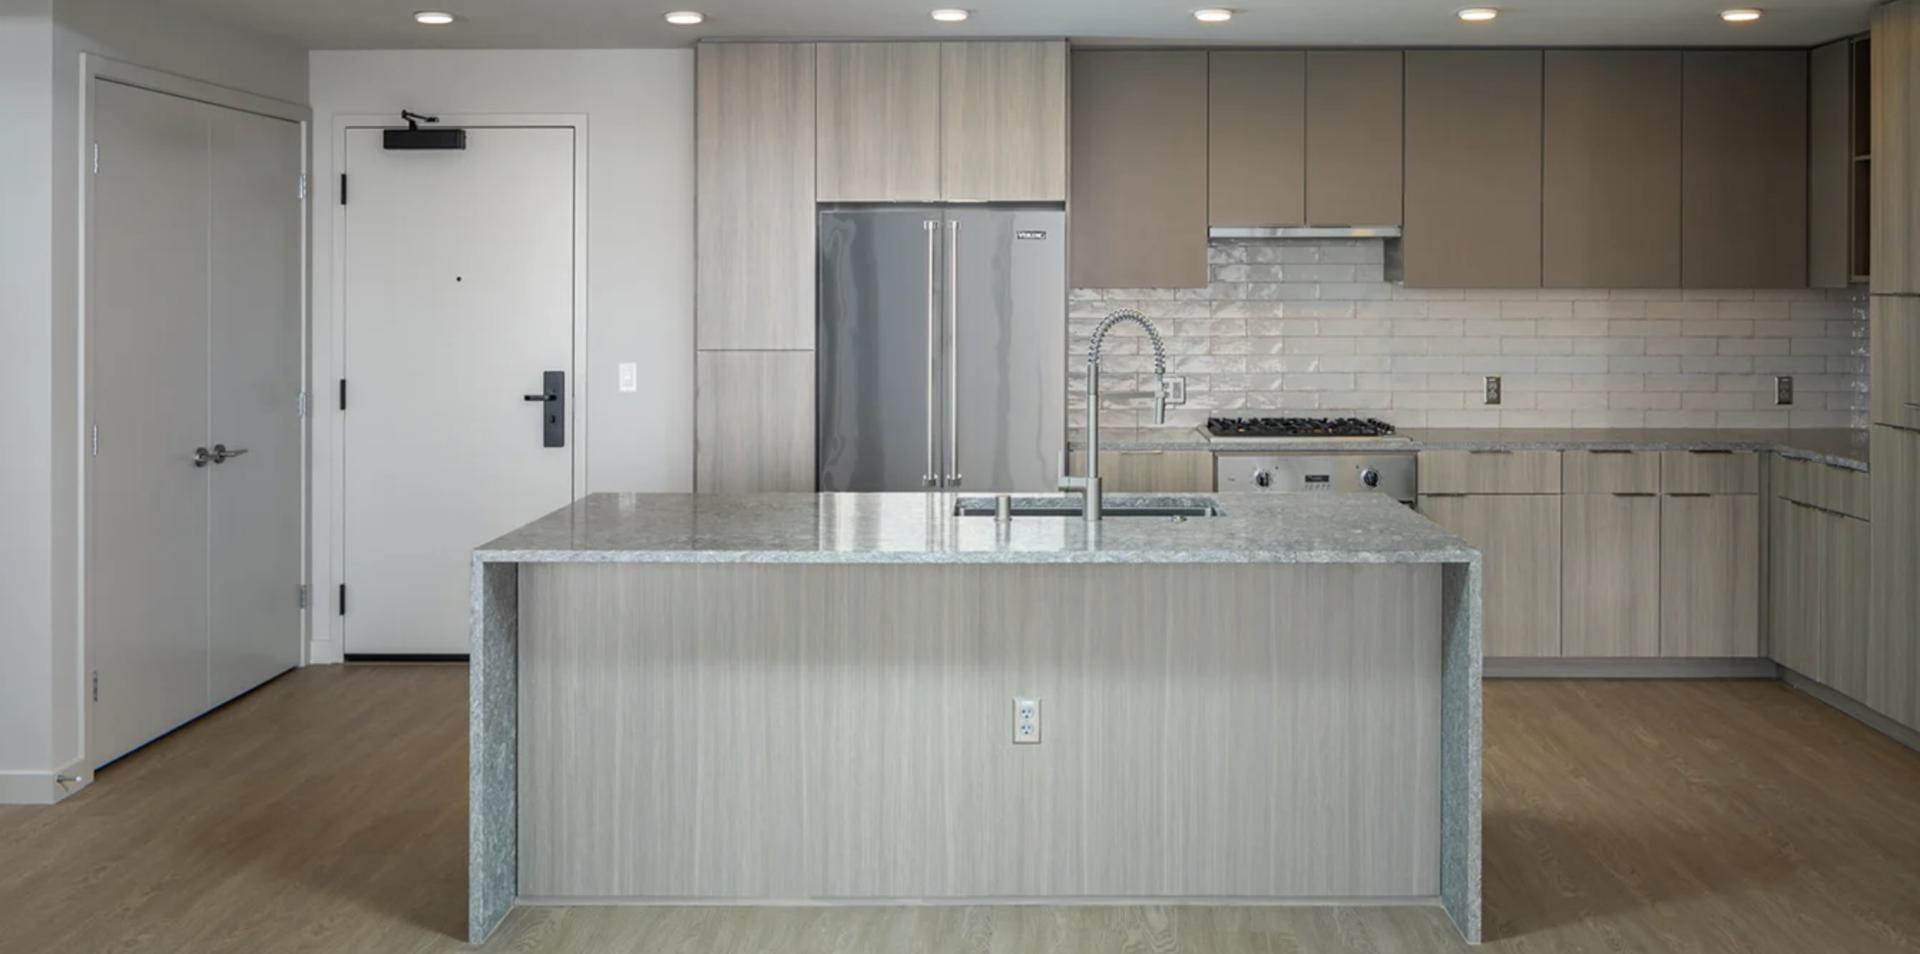 601 11th Avenue #2615, San Diego, CA - $4,885 USD/ month